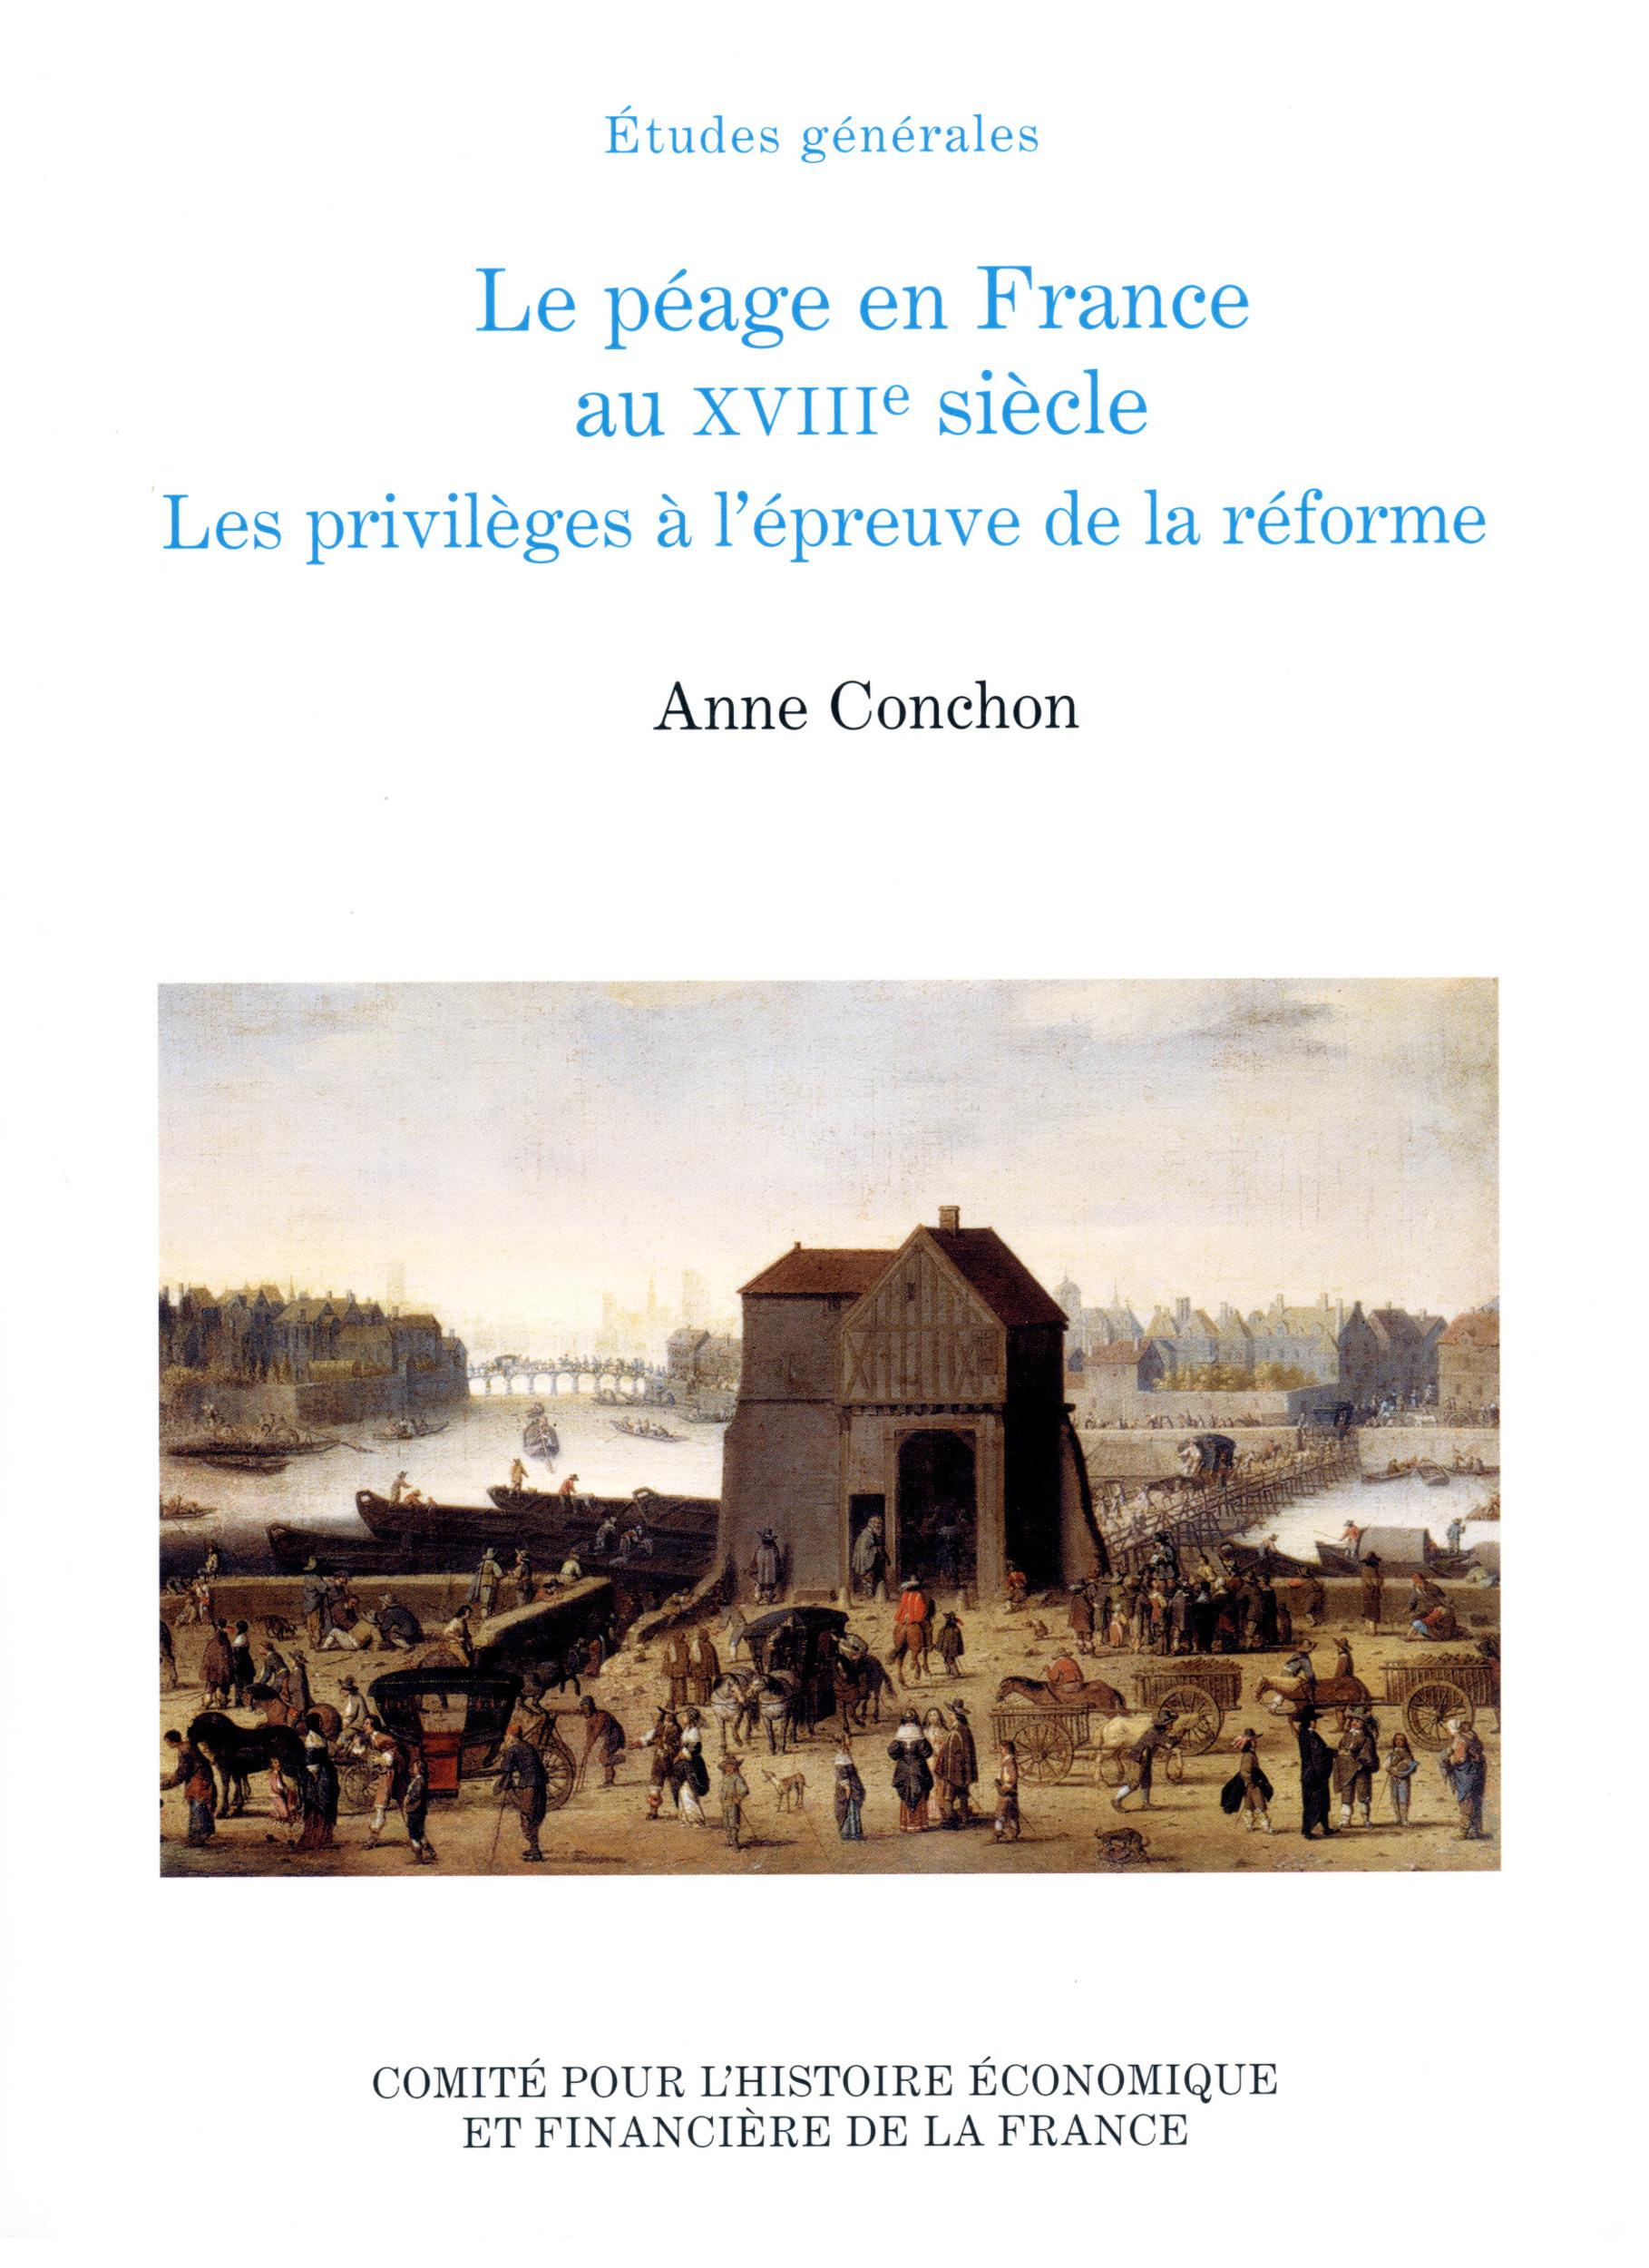 Anne Conchon Le péage en France au XVIIIe siècle